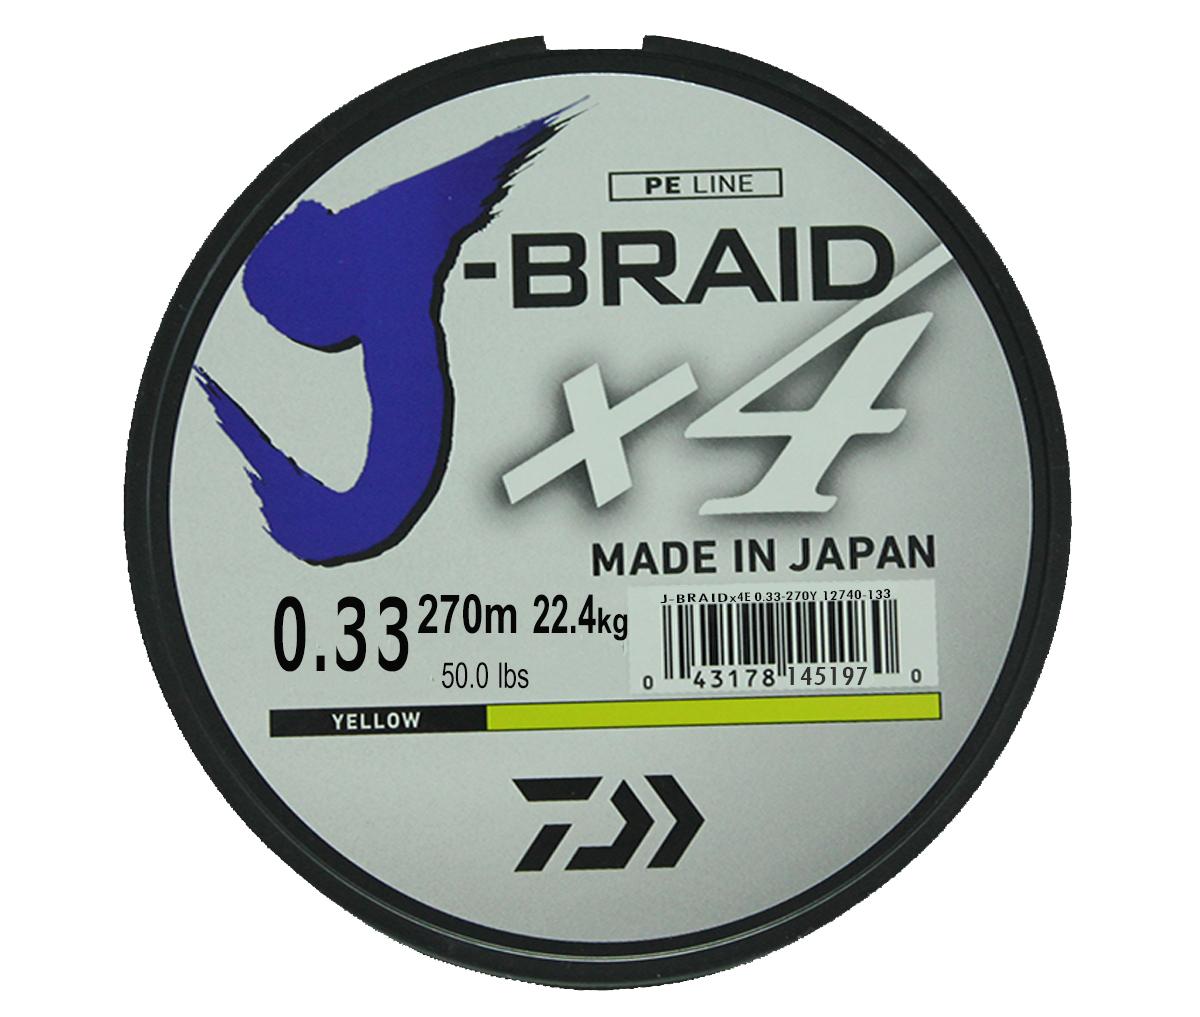 Шнур плетеный Daiwa J-Braid X4, цвет: флуоресцентный желтый, 270 м, 0,33 мм61156Новый четырехжильный шнур J-Braid от Daiwa - шнур высокого класса с удивительным соотношением цены и качества. Качество плетения полностью соответствует японским стандартам и удовлетворяет всем требованиям. Представленные диаметры позволяют использовать шнур для всех техник ловли, начиная от Ultra-Light ловли окуня, до морской ловли палтуса, трески и так далее.